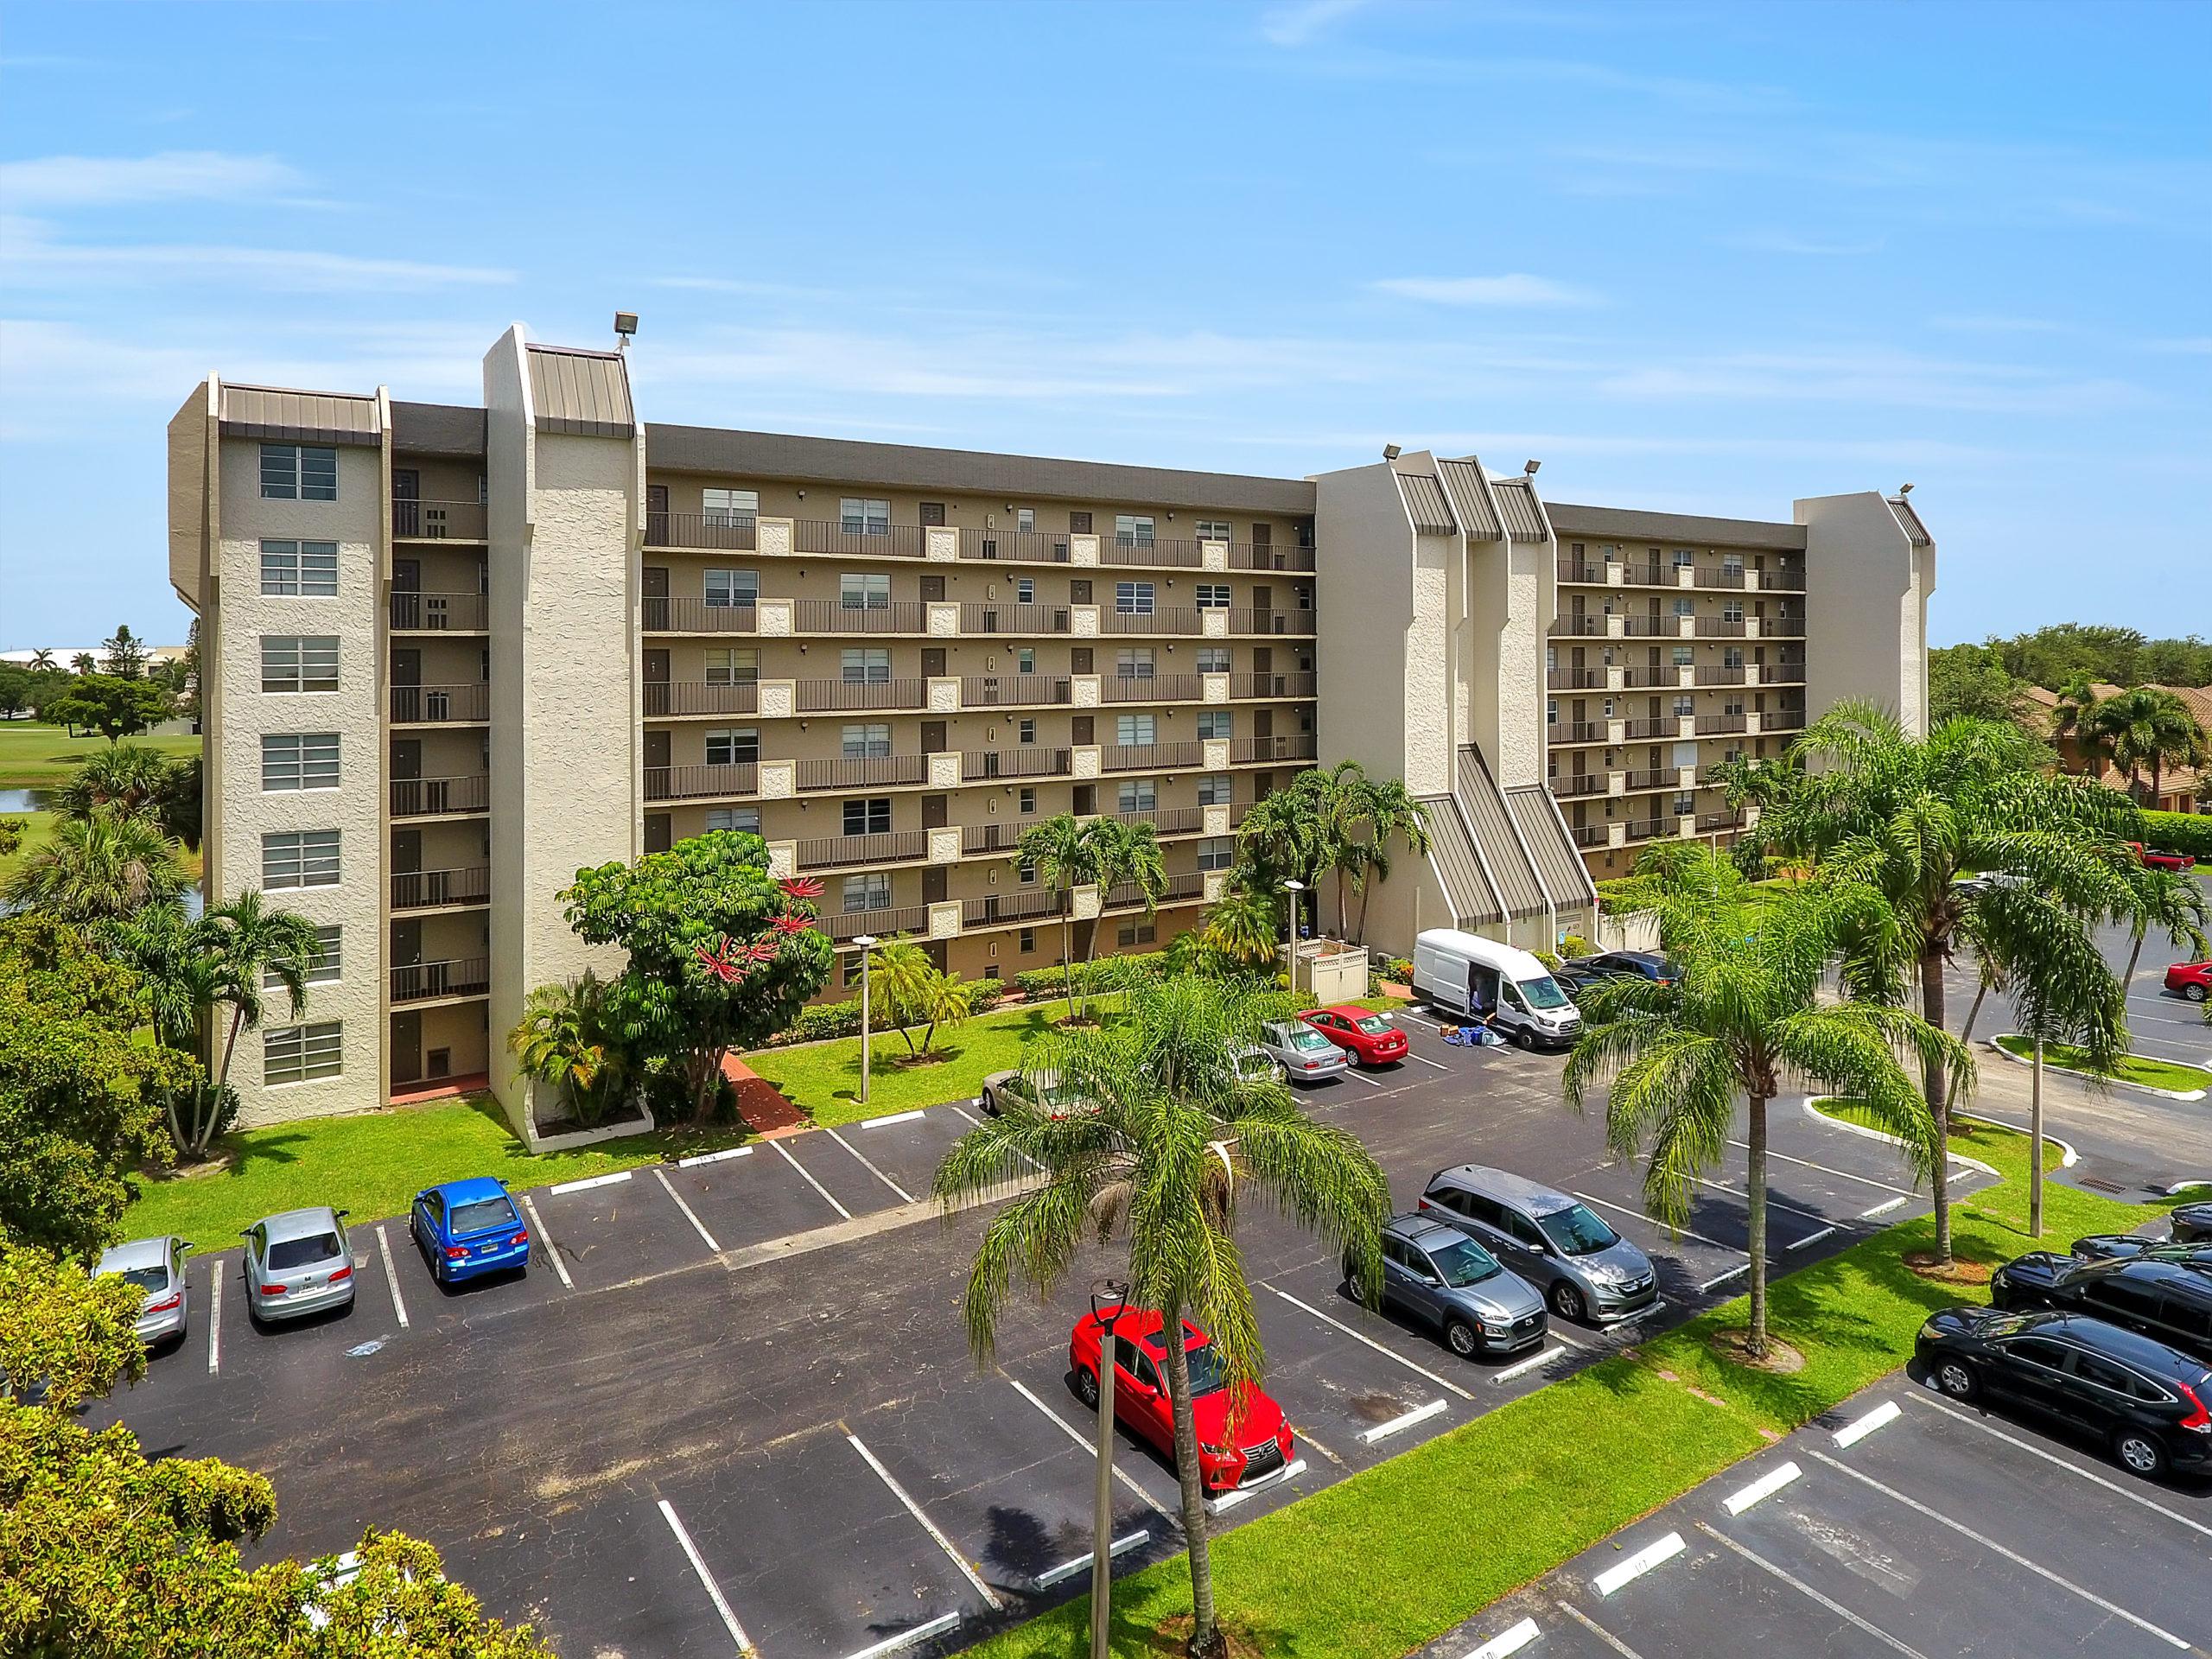 Aerial View Of Rolling Hills Condominium Building #7 in Davie Fl 33328